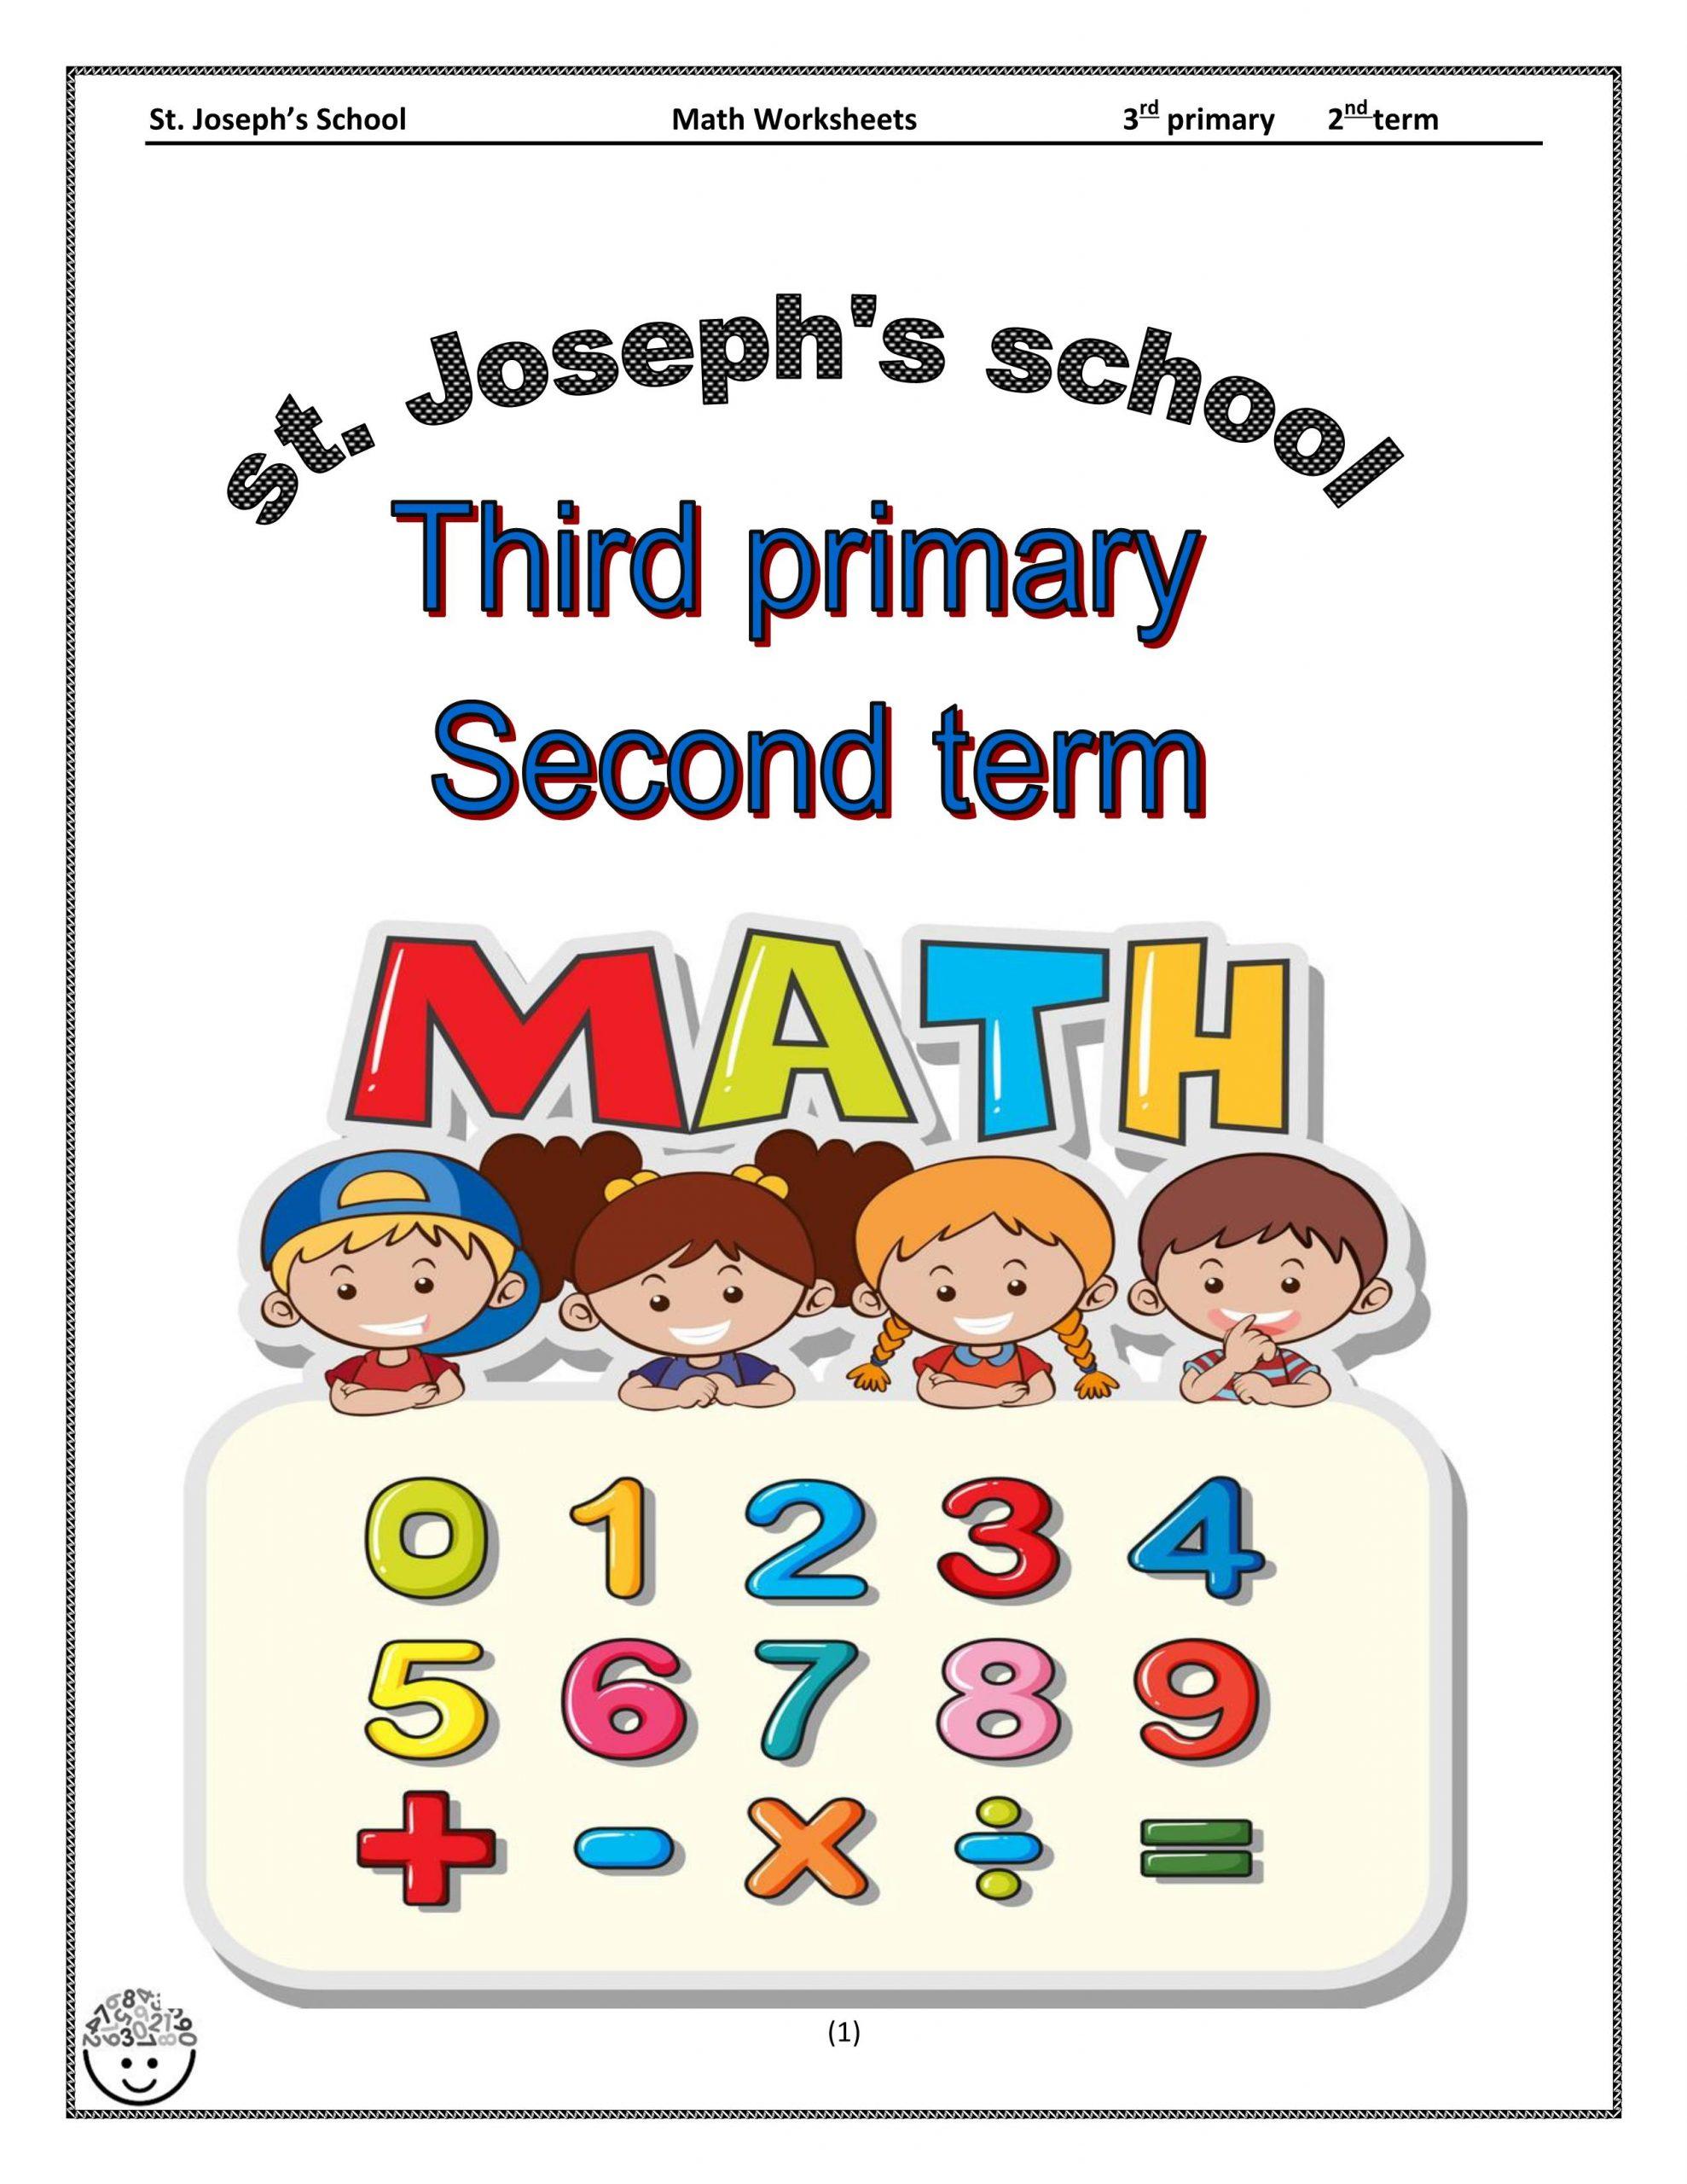 أوراق عمل متنوعة بالإنجليزي الصف الثالث مادة الرياضيات المتكاملة